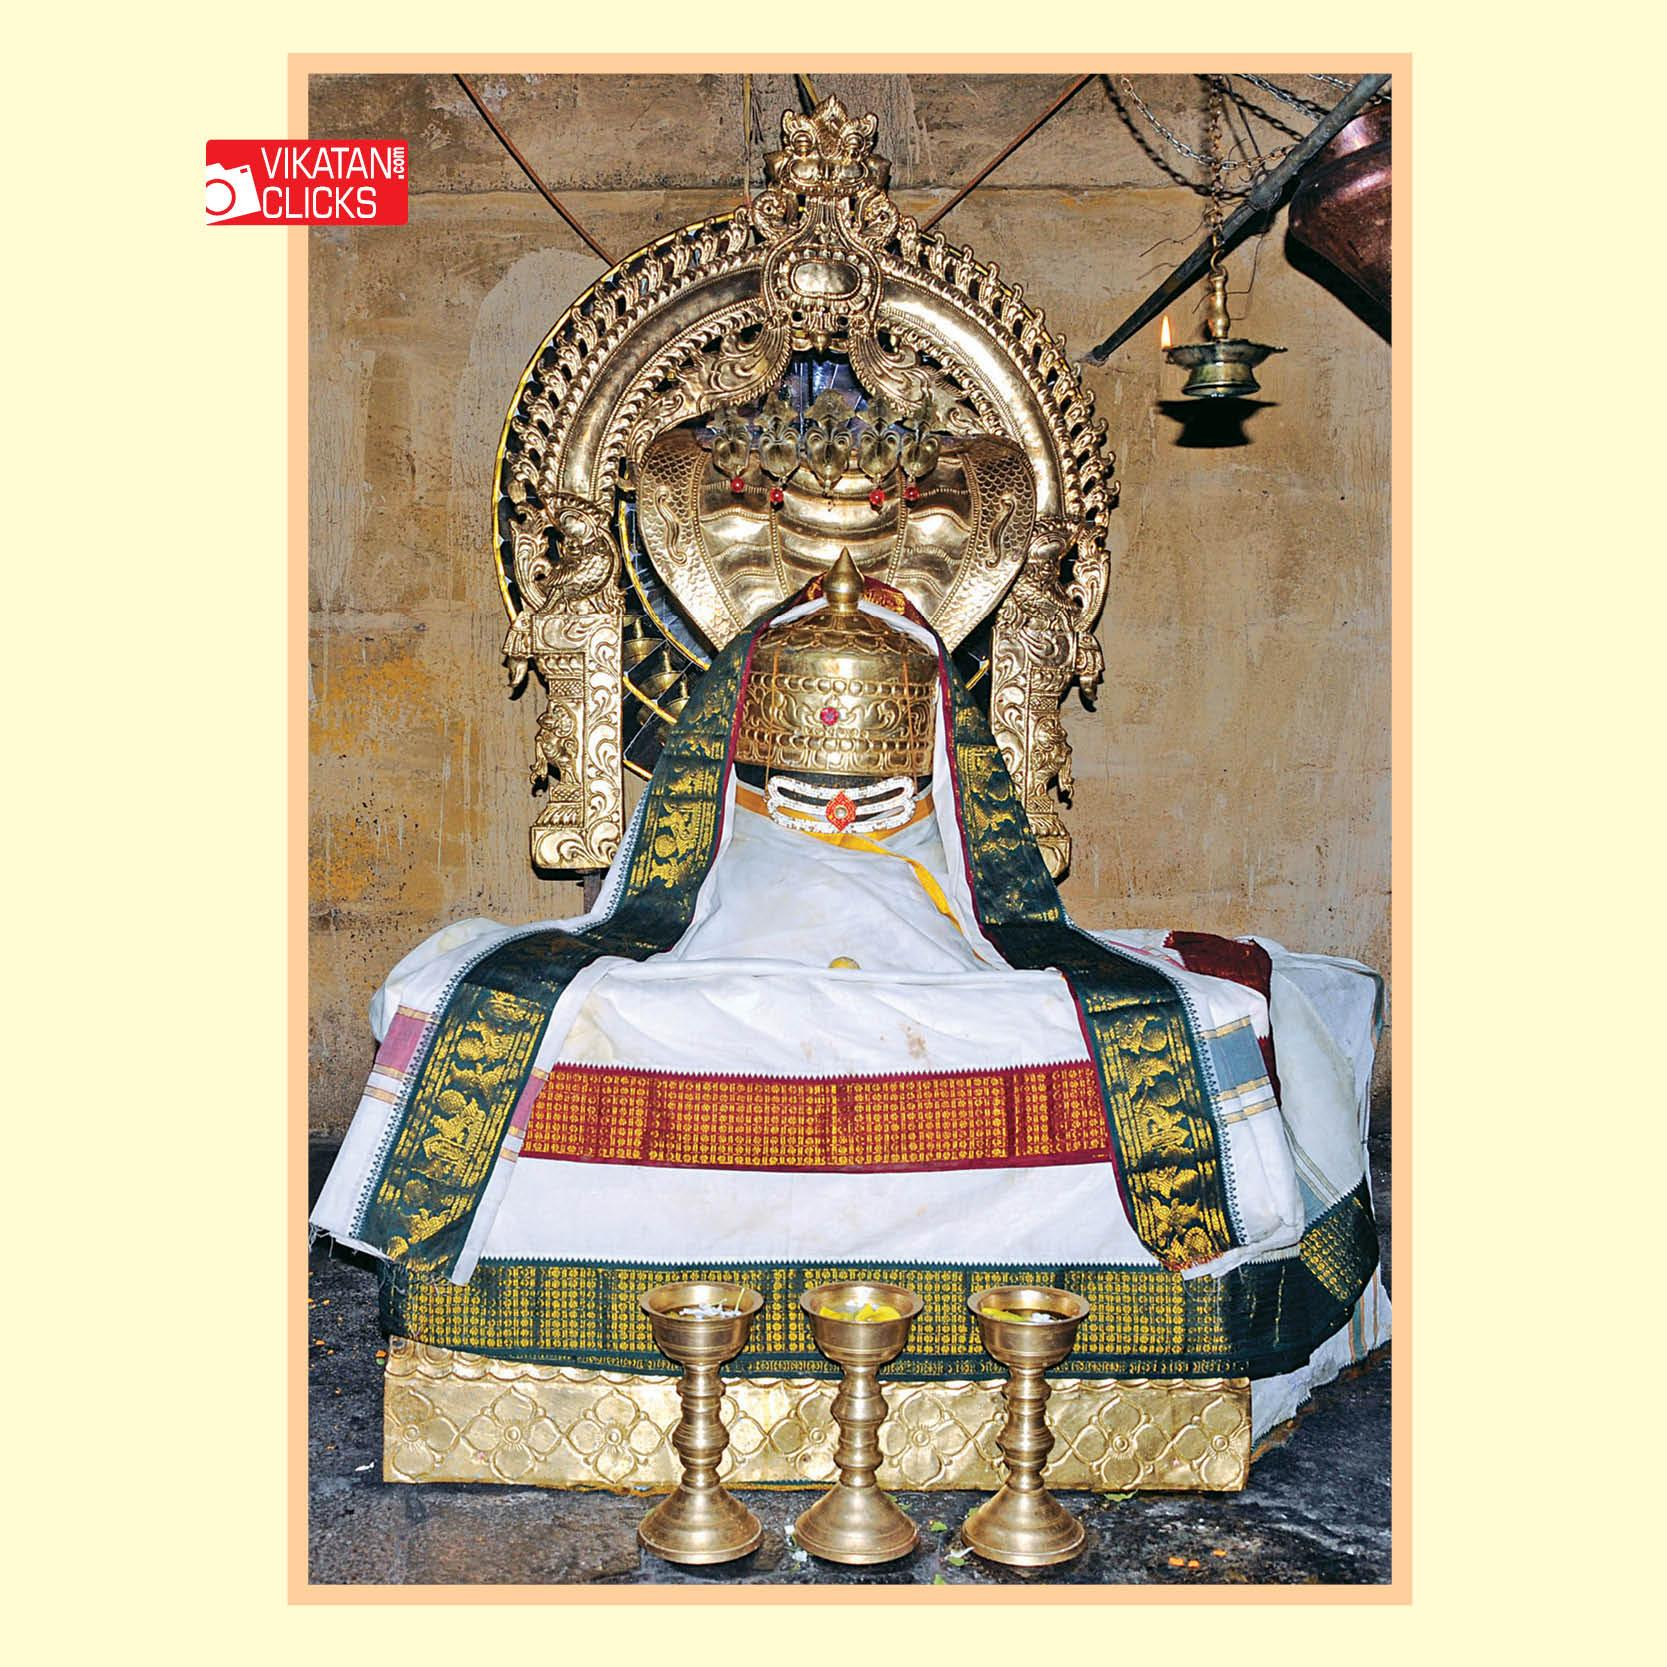 கருங்குளம் ஸ்ரீமார்த்தாண்டேஸ்வரர்